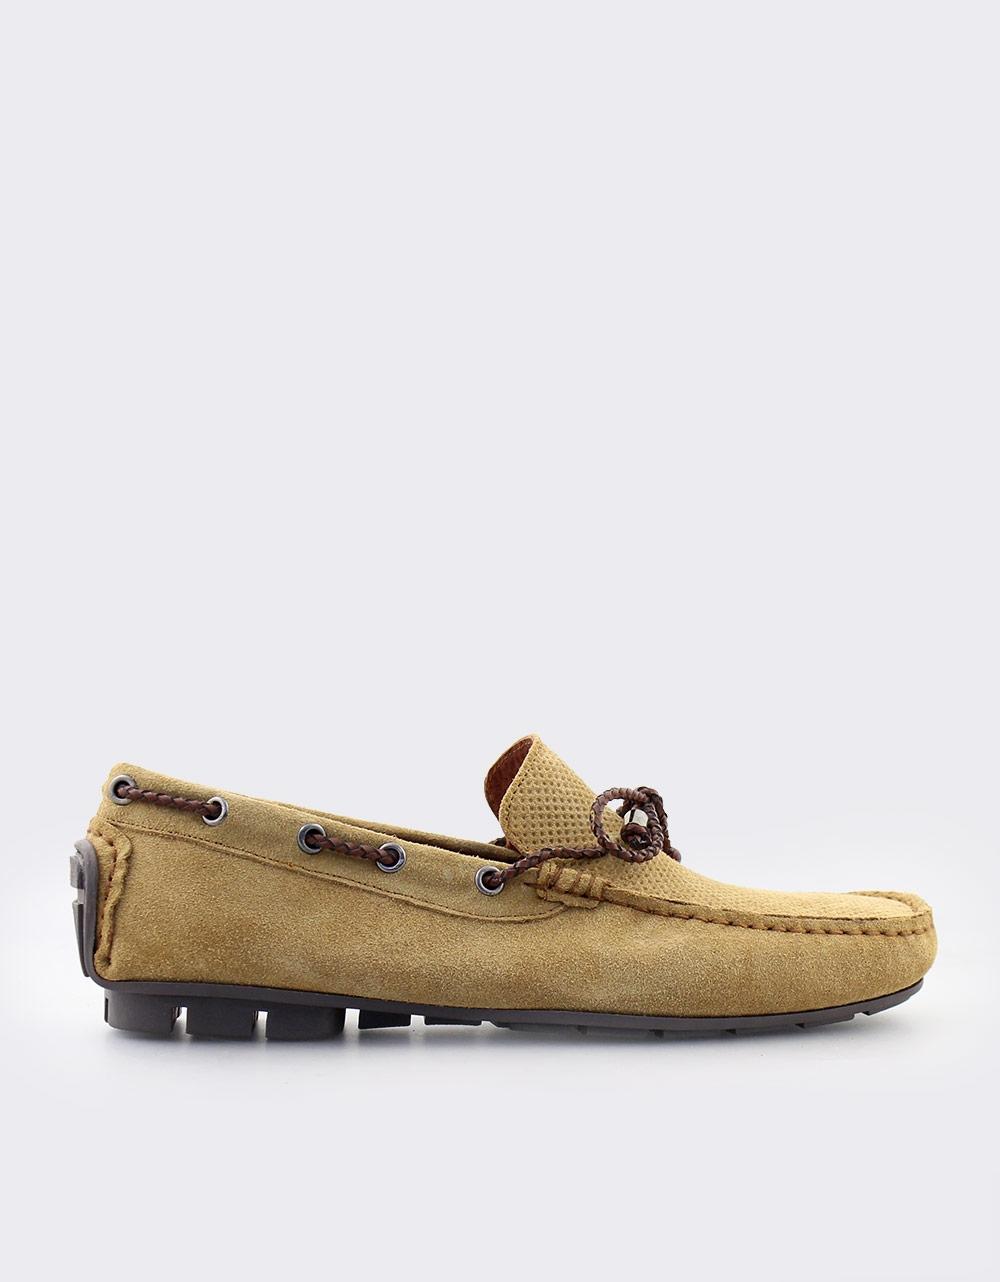 Εικόνα από Ανδρικά loafers καστόρινα με διακοσμητικά κορδόνια Κάμελ